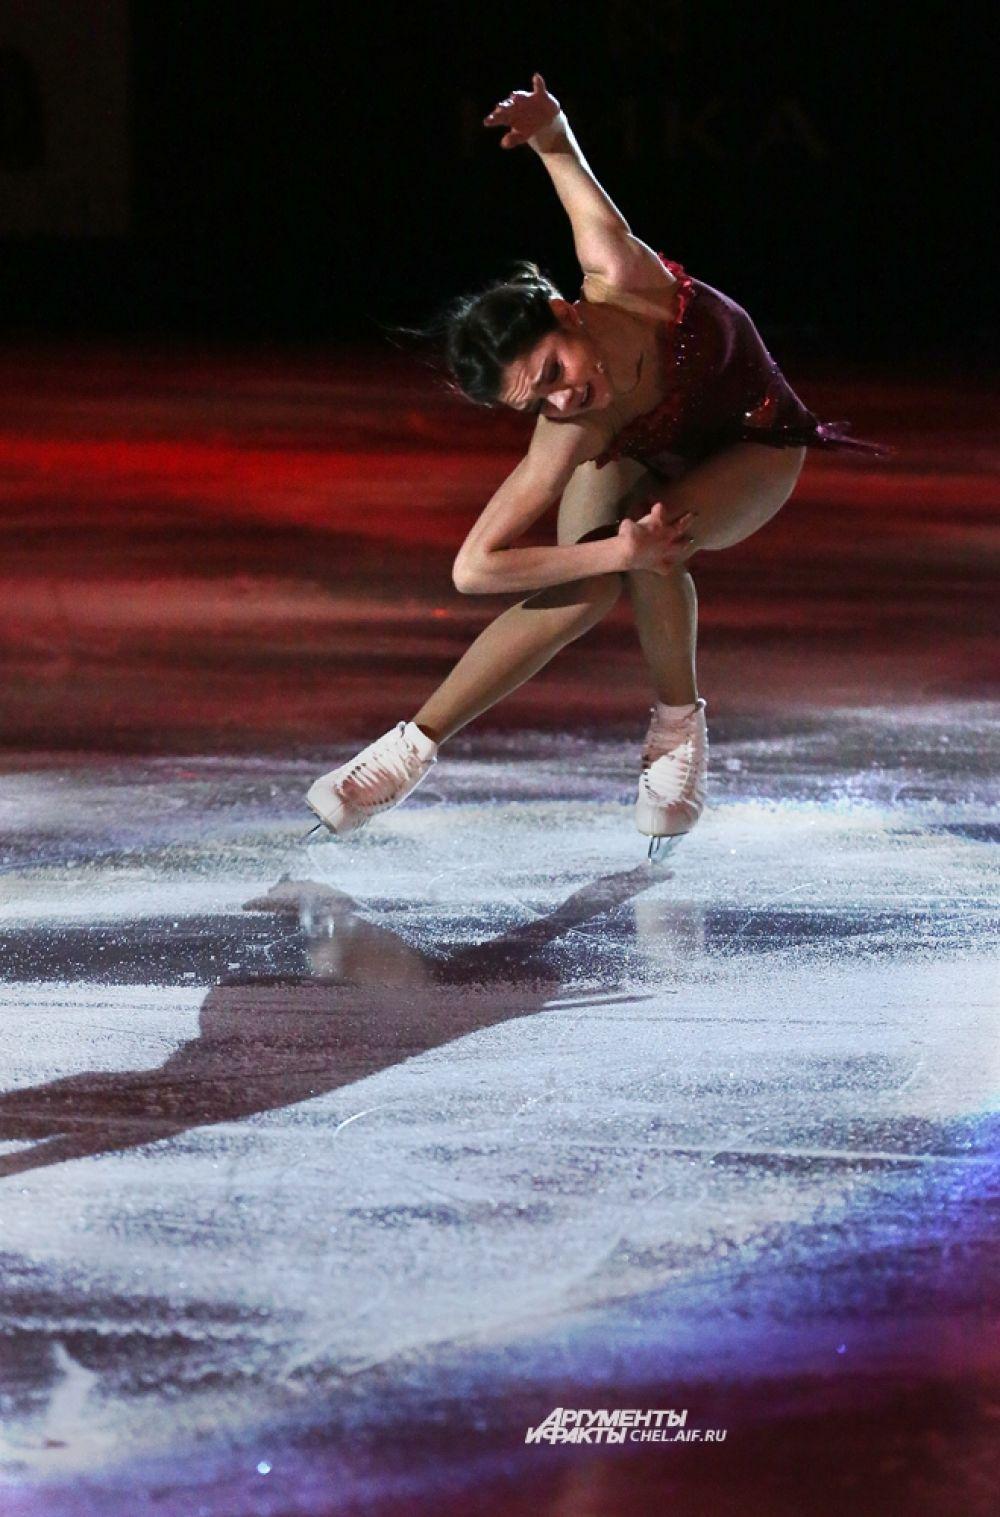 Евгения Медведева, Москва, 1 место